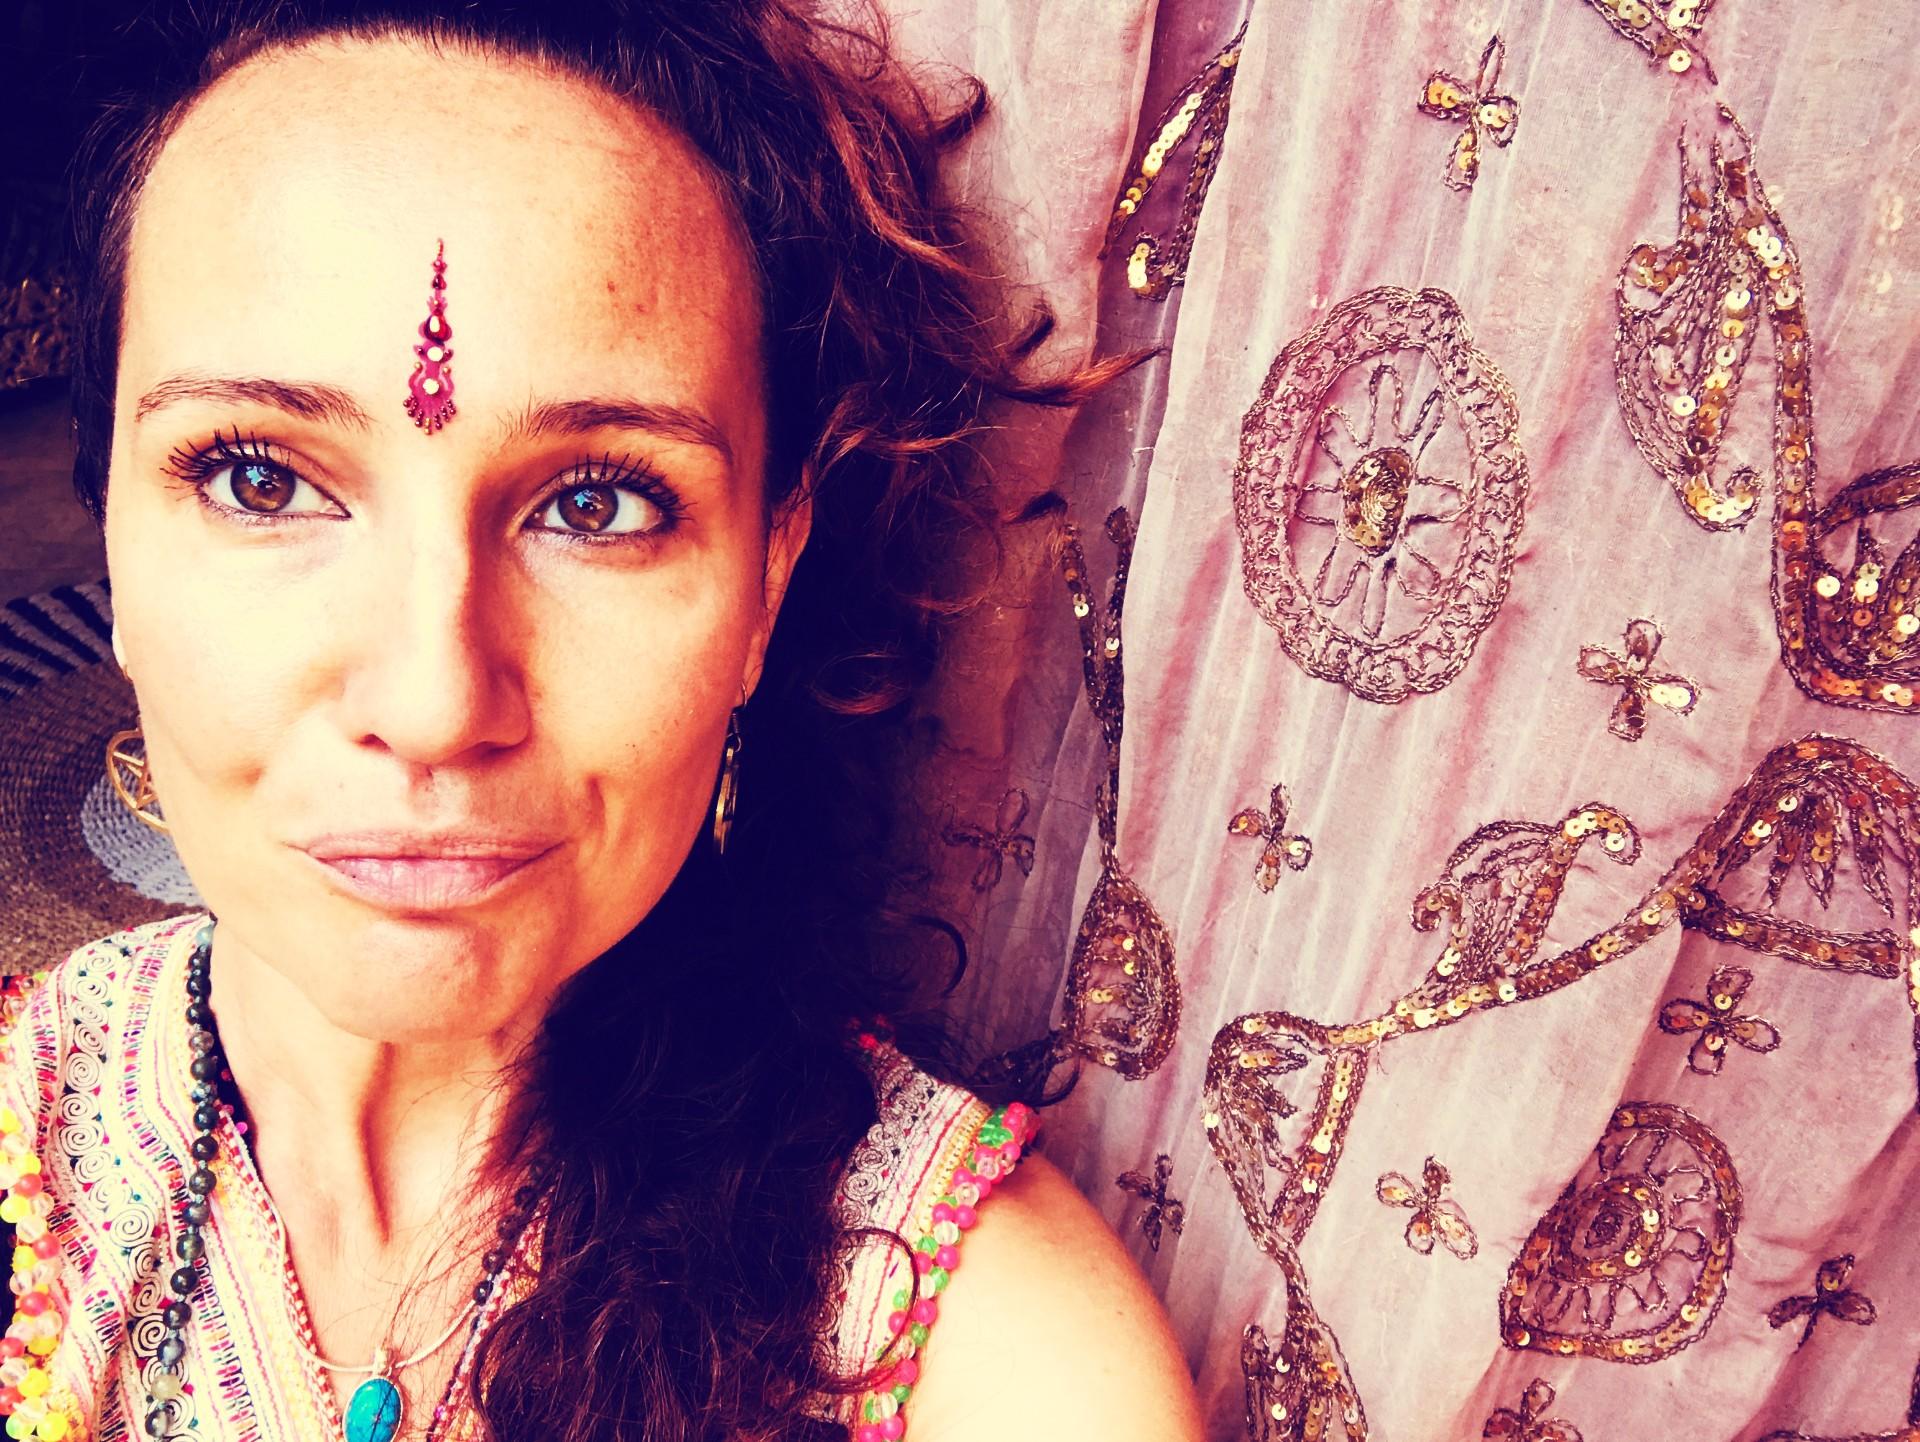 Lakshmi Frau… - Sie liebt das Leben. Denn es reflektiert ihre eigene Schöpferinnenkraft. Sie schöpft aus der Fülle der Visionen in ihrer Gebärmutter. Denn sie weiß, dass dort der ganze Reichtum ihres Seins liegt. Sie ist schön. Von innen heraus. Denn sie kennt den Weg zu ihrem Strahlen. Das aus einer tiefen Dankbarkeit dem Leben gegenüber entspringt. Sie ist Göttin - in Menschenform. Und hat die Selbstliebe zu einem täglichen Ritual gemacht.